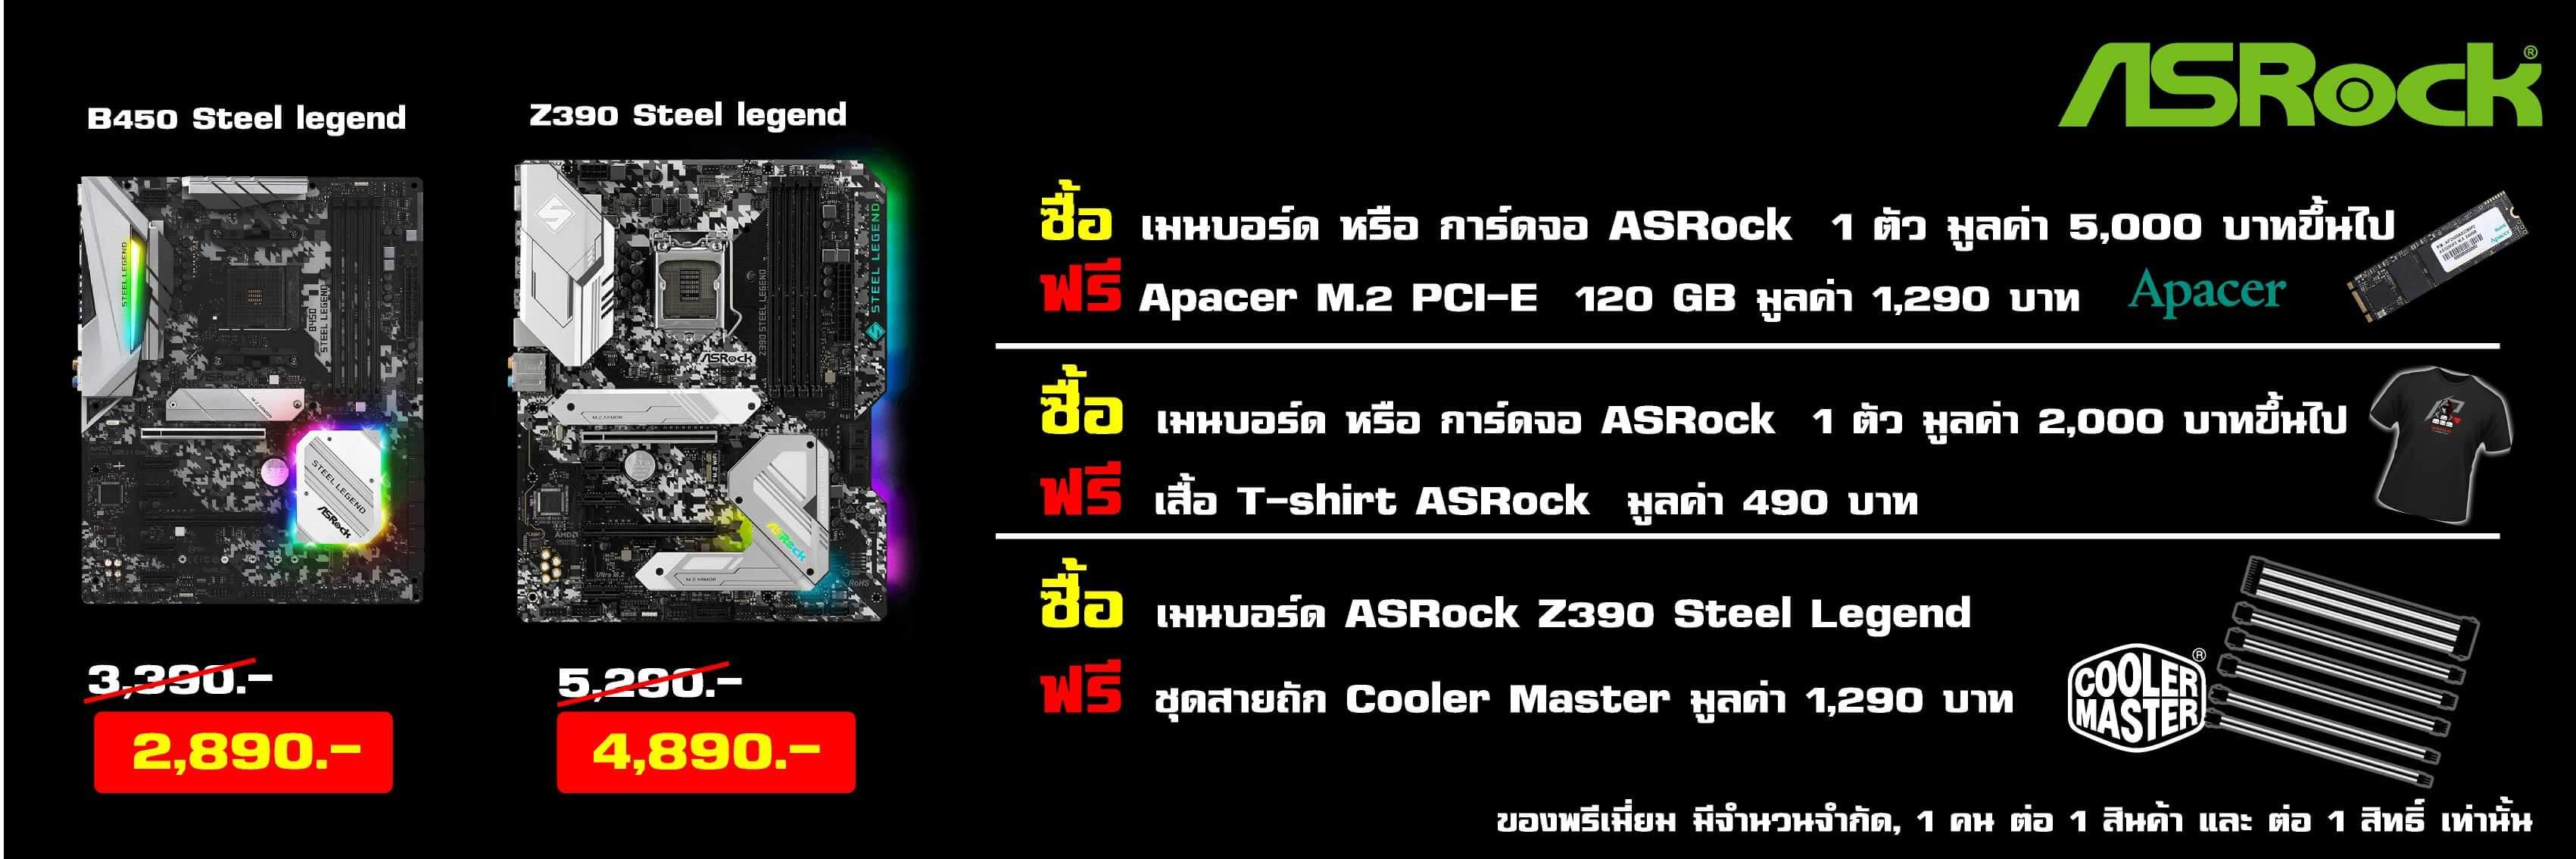 โปรโมชั่น ASRock